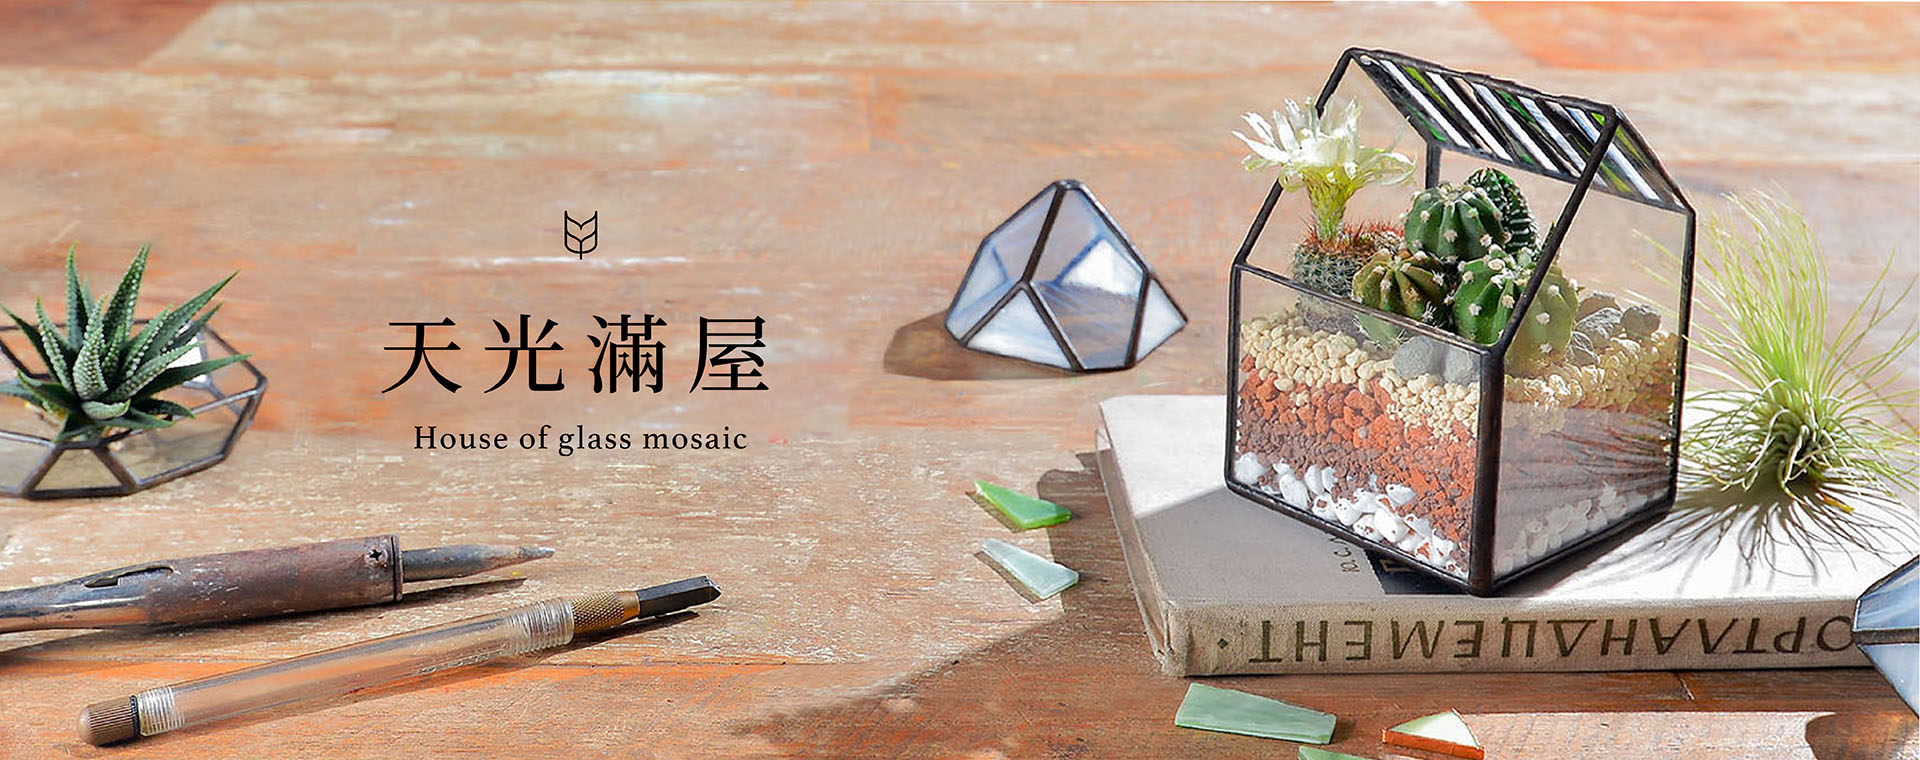 鑲嵌玻璃手作課程主視覺圖